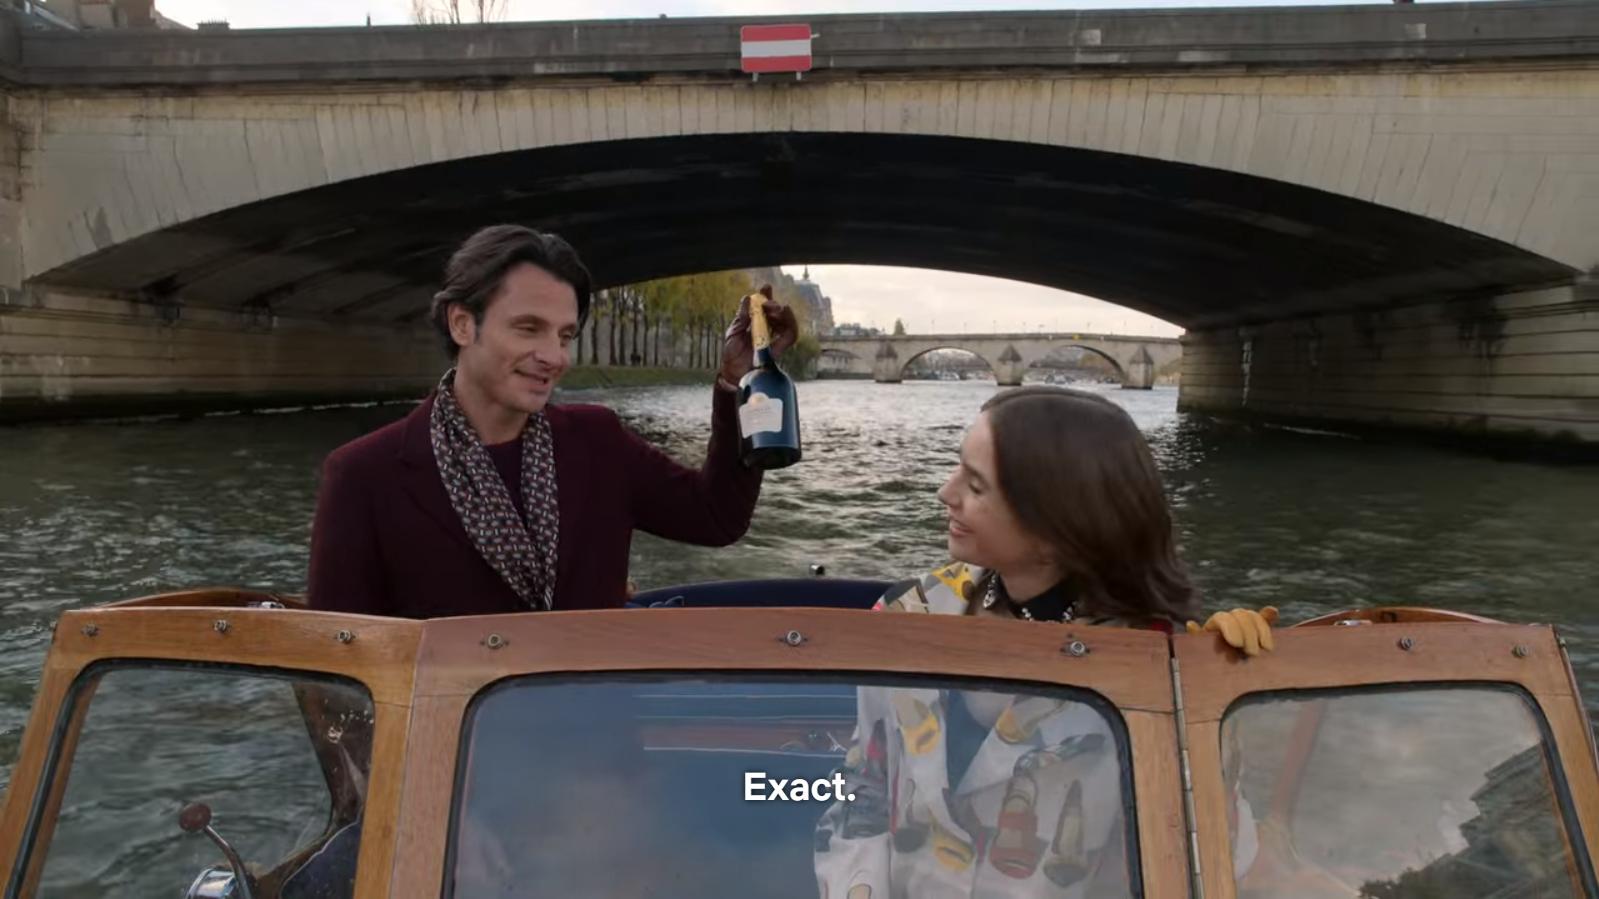 La pauvreté est absente de la vie d'Emily. A Paris, on boit du champagne sur des bateaux privés.